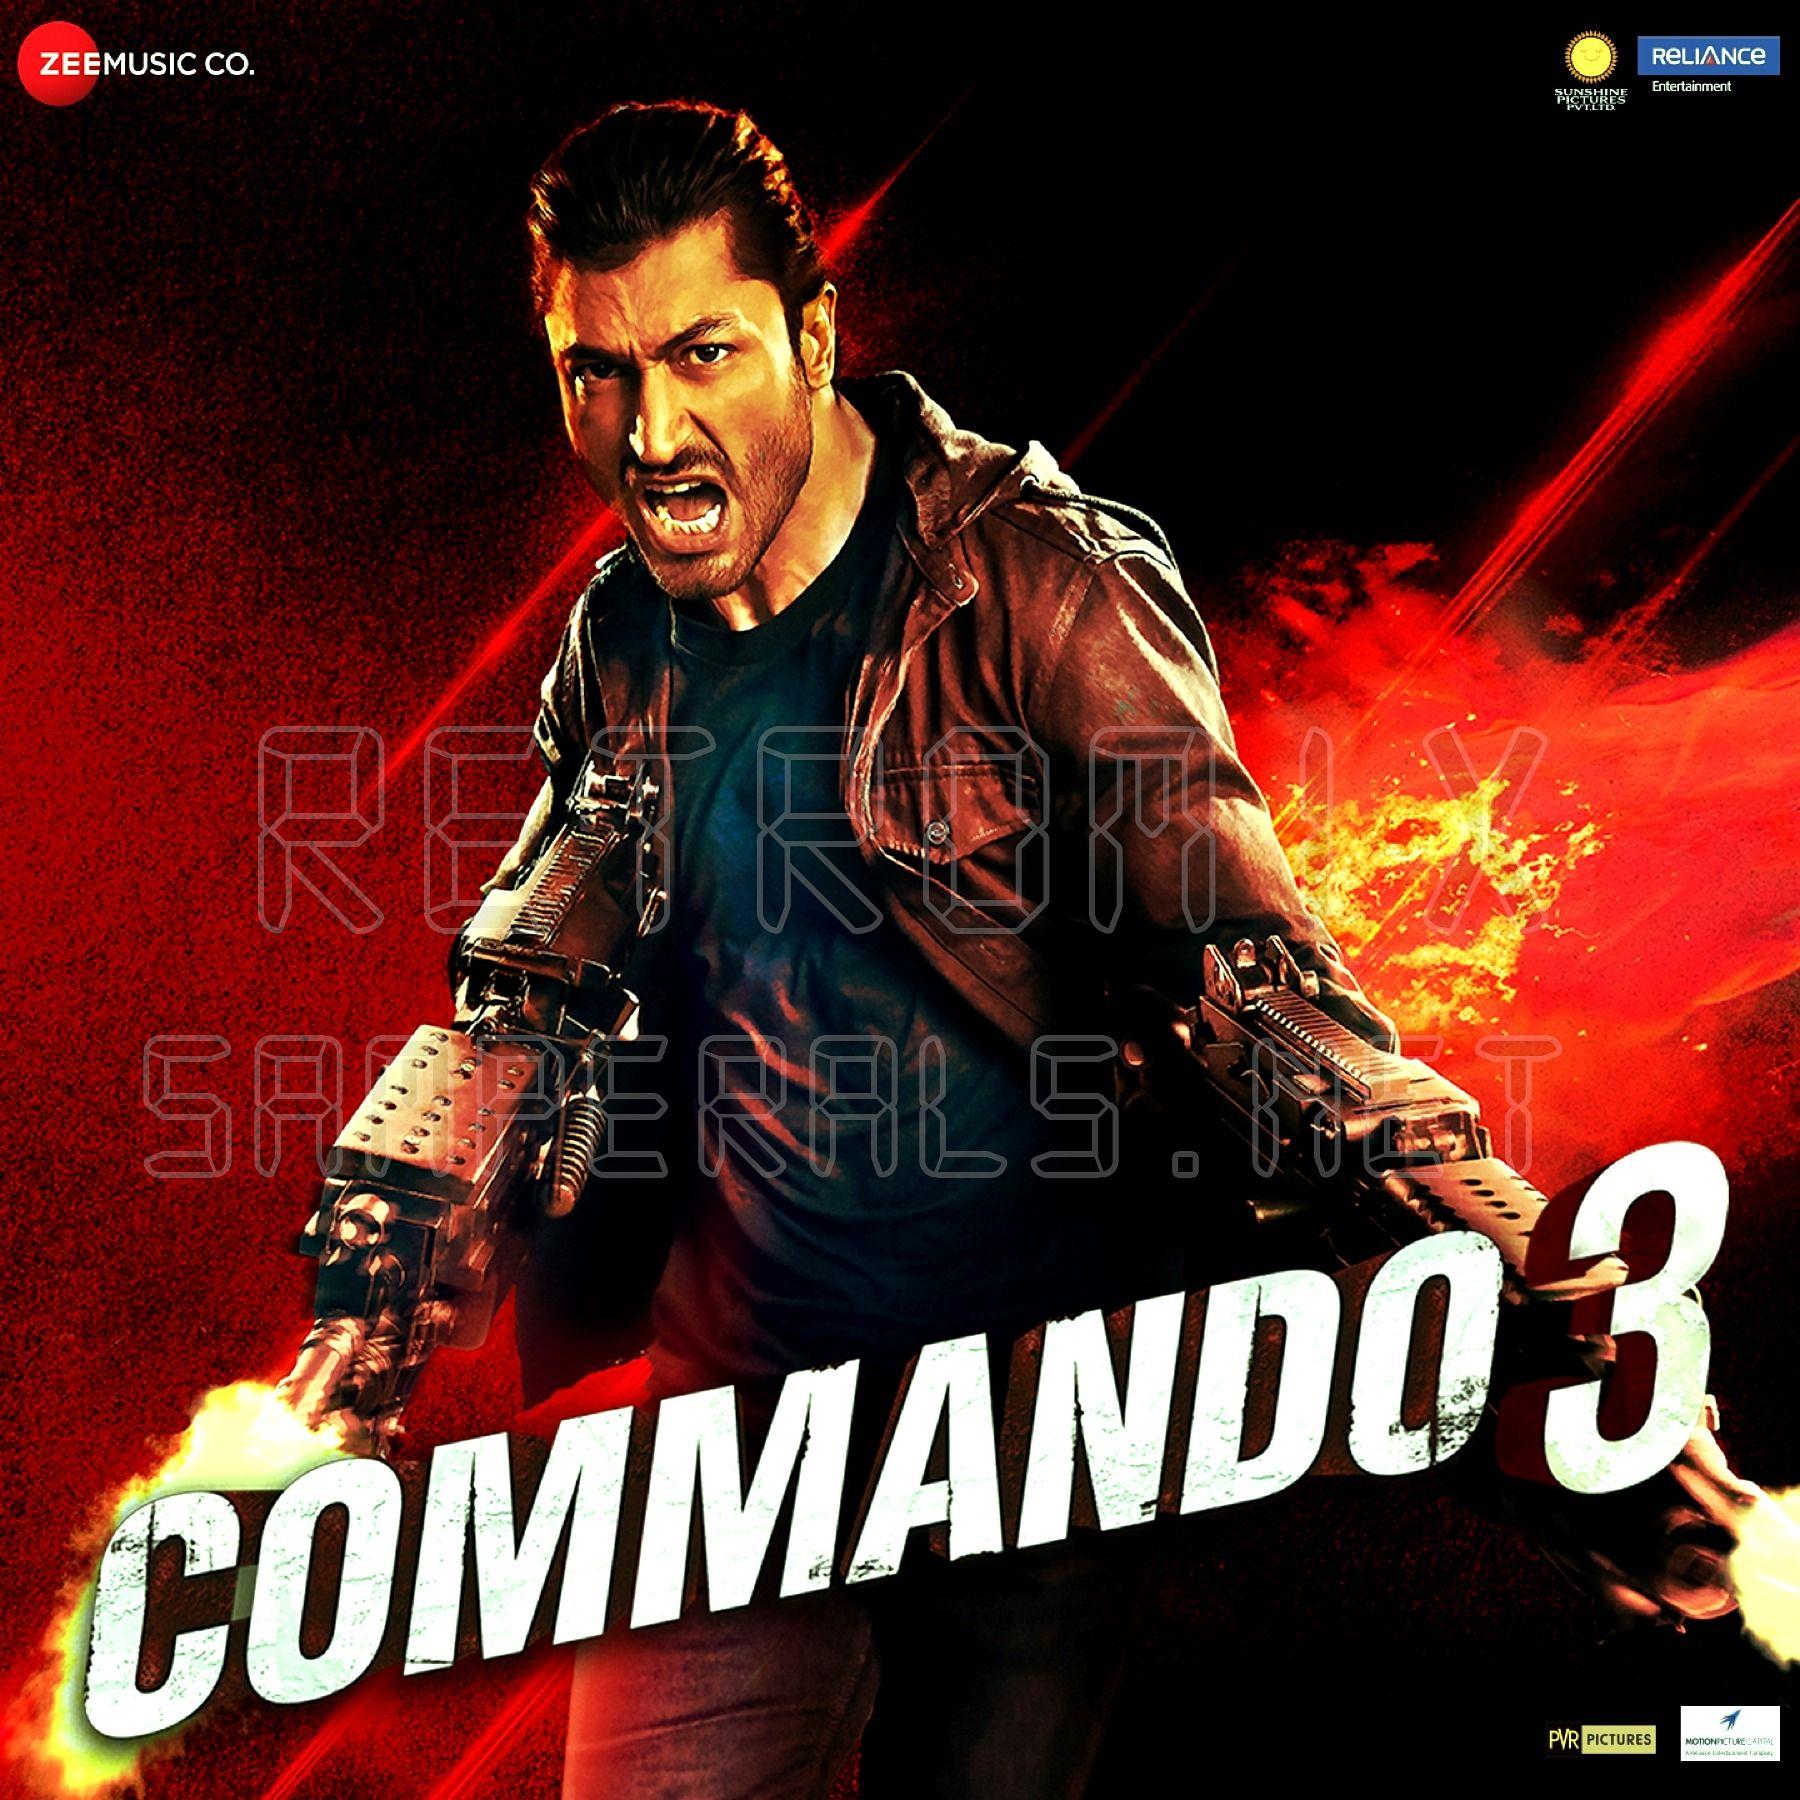 Commando 3 Flac Wav 2019 Hindi Lossless Songs Download Vidyut Jammwal Hindi Wav 2019 Hind In 2020 Hindi Movies Latest Bollywood Movies Latest Bollywood Songs